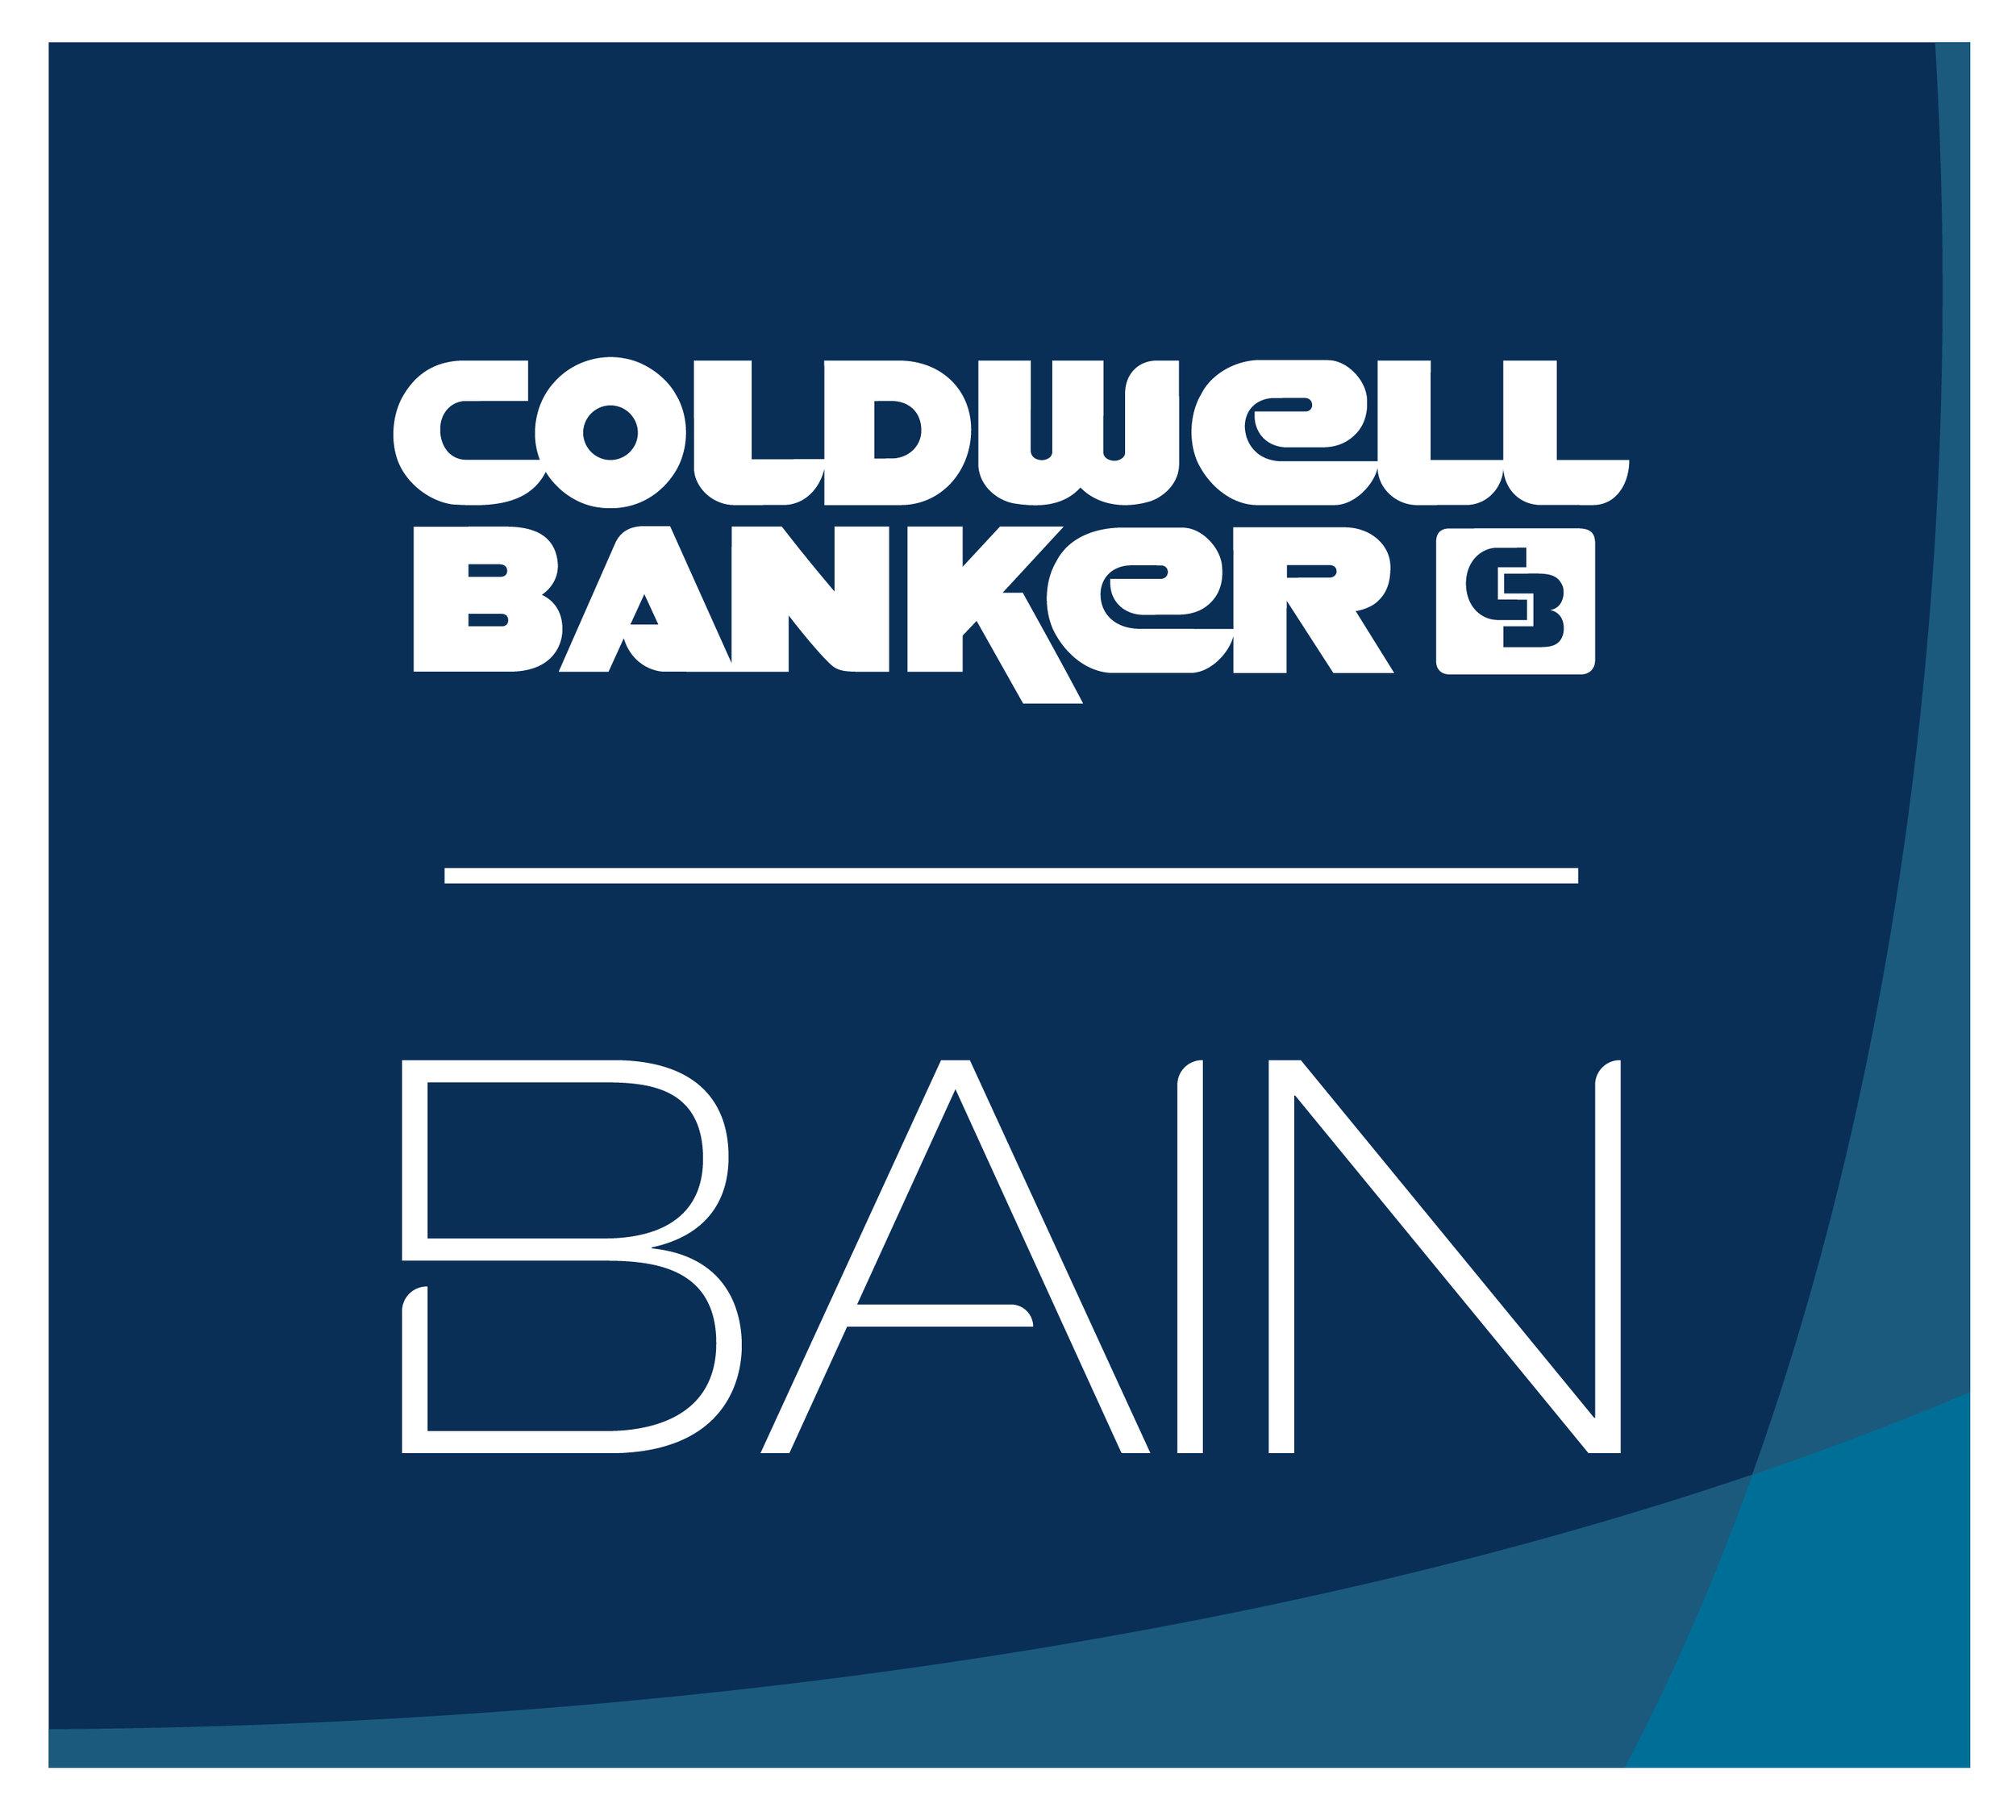 Bain Logo 2019 large.jpg